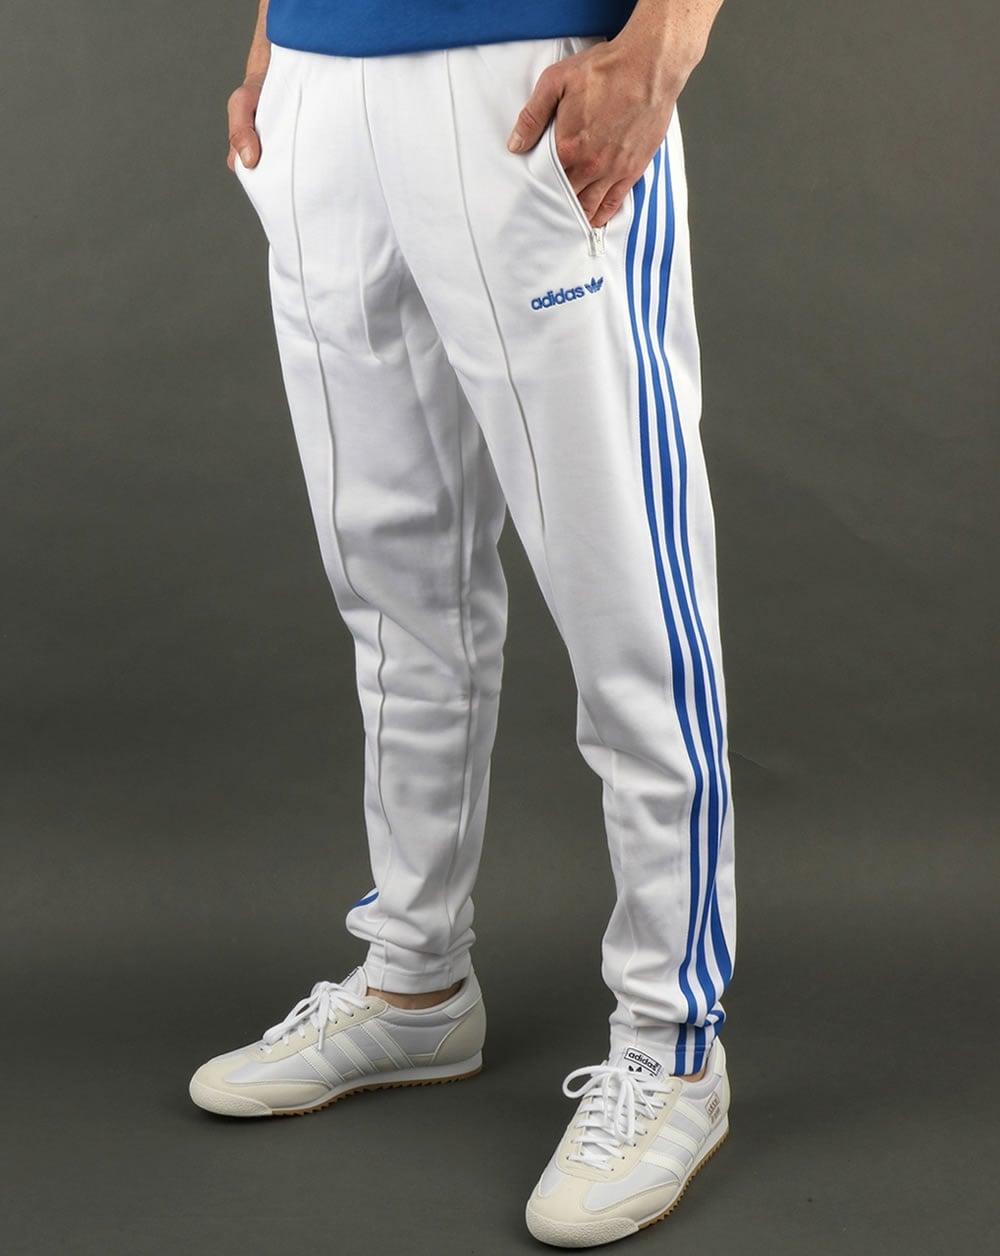 adidas Originals Adidas Originals Beckenbauer Track Pants White Blue 50c5fcdf00